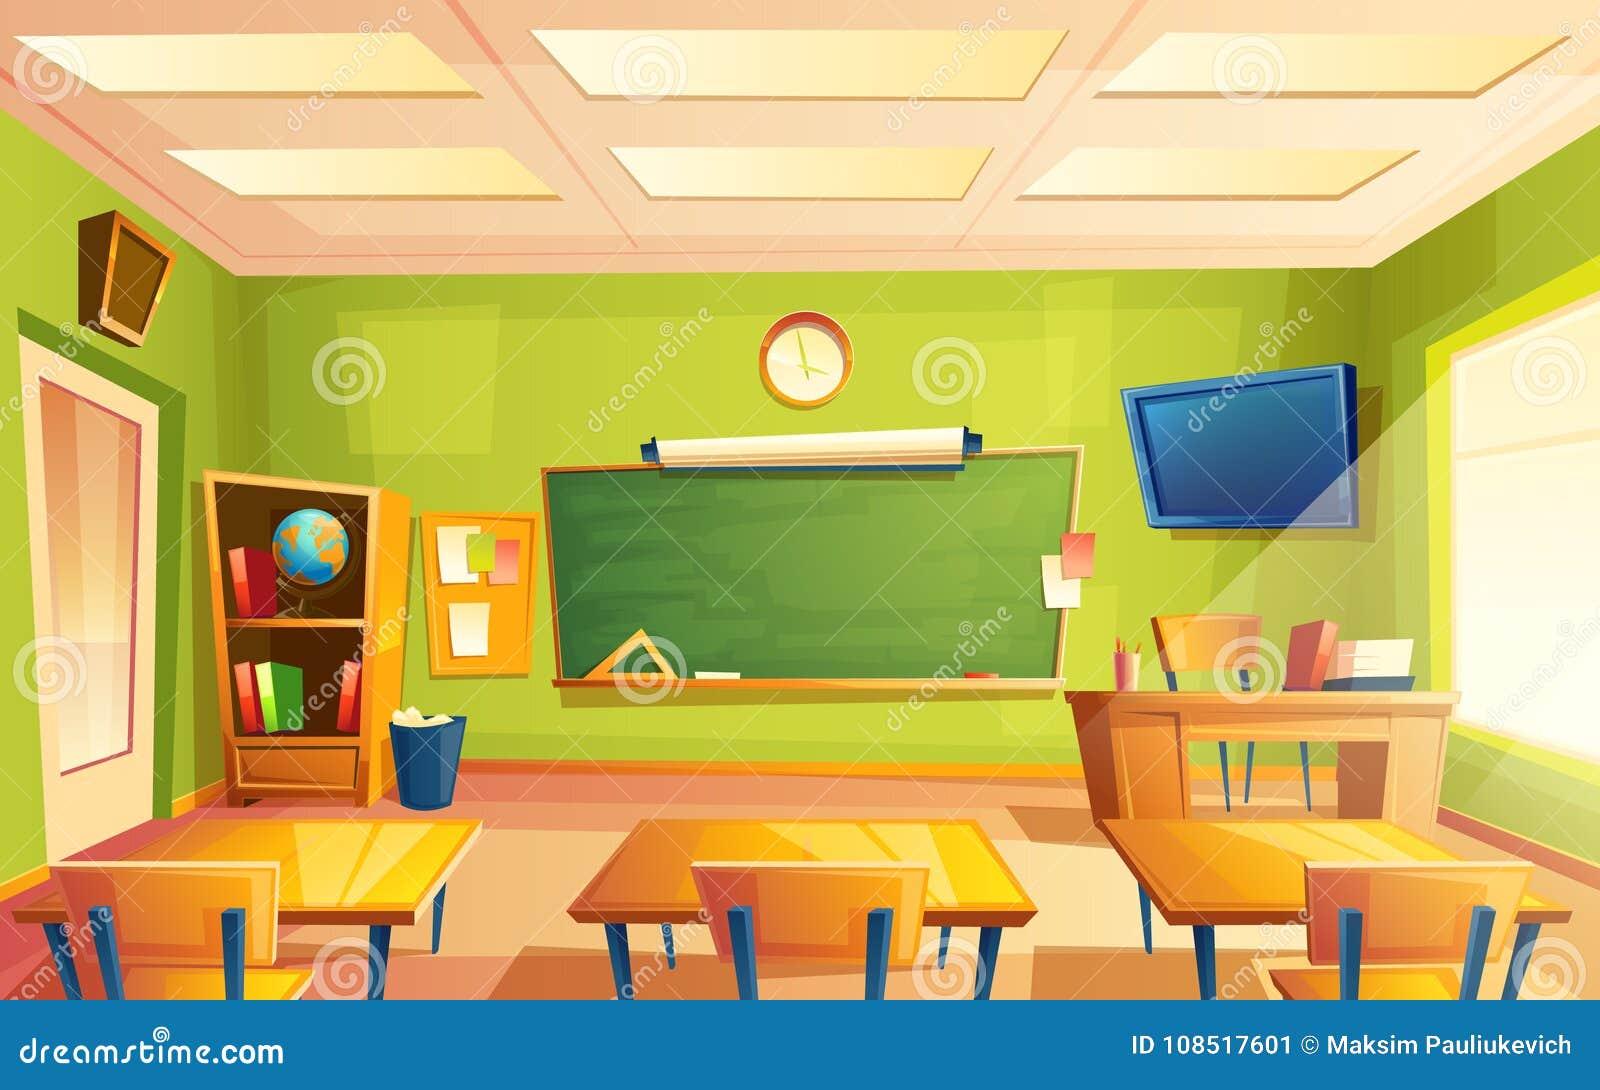 Wektor sala lekcyjnej szkolny wnętrze, stażowy pokój Uniwersytet, edukacyjny pojęcie, blackboard, stołowy szkoła wyższa meble